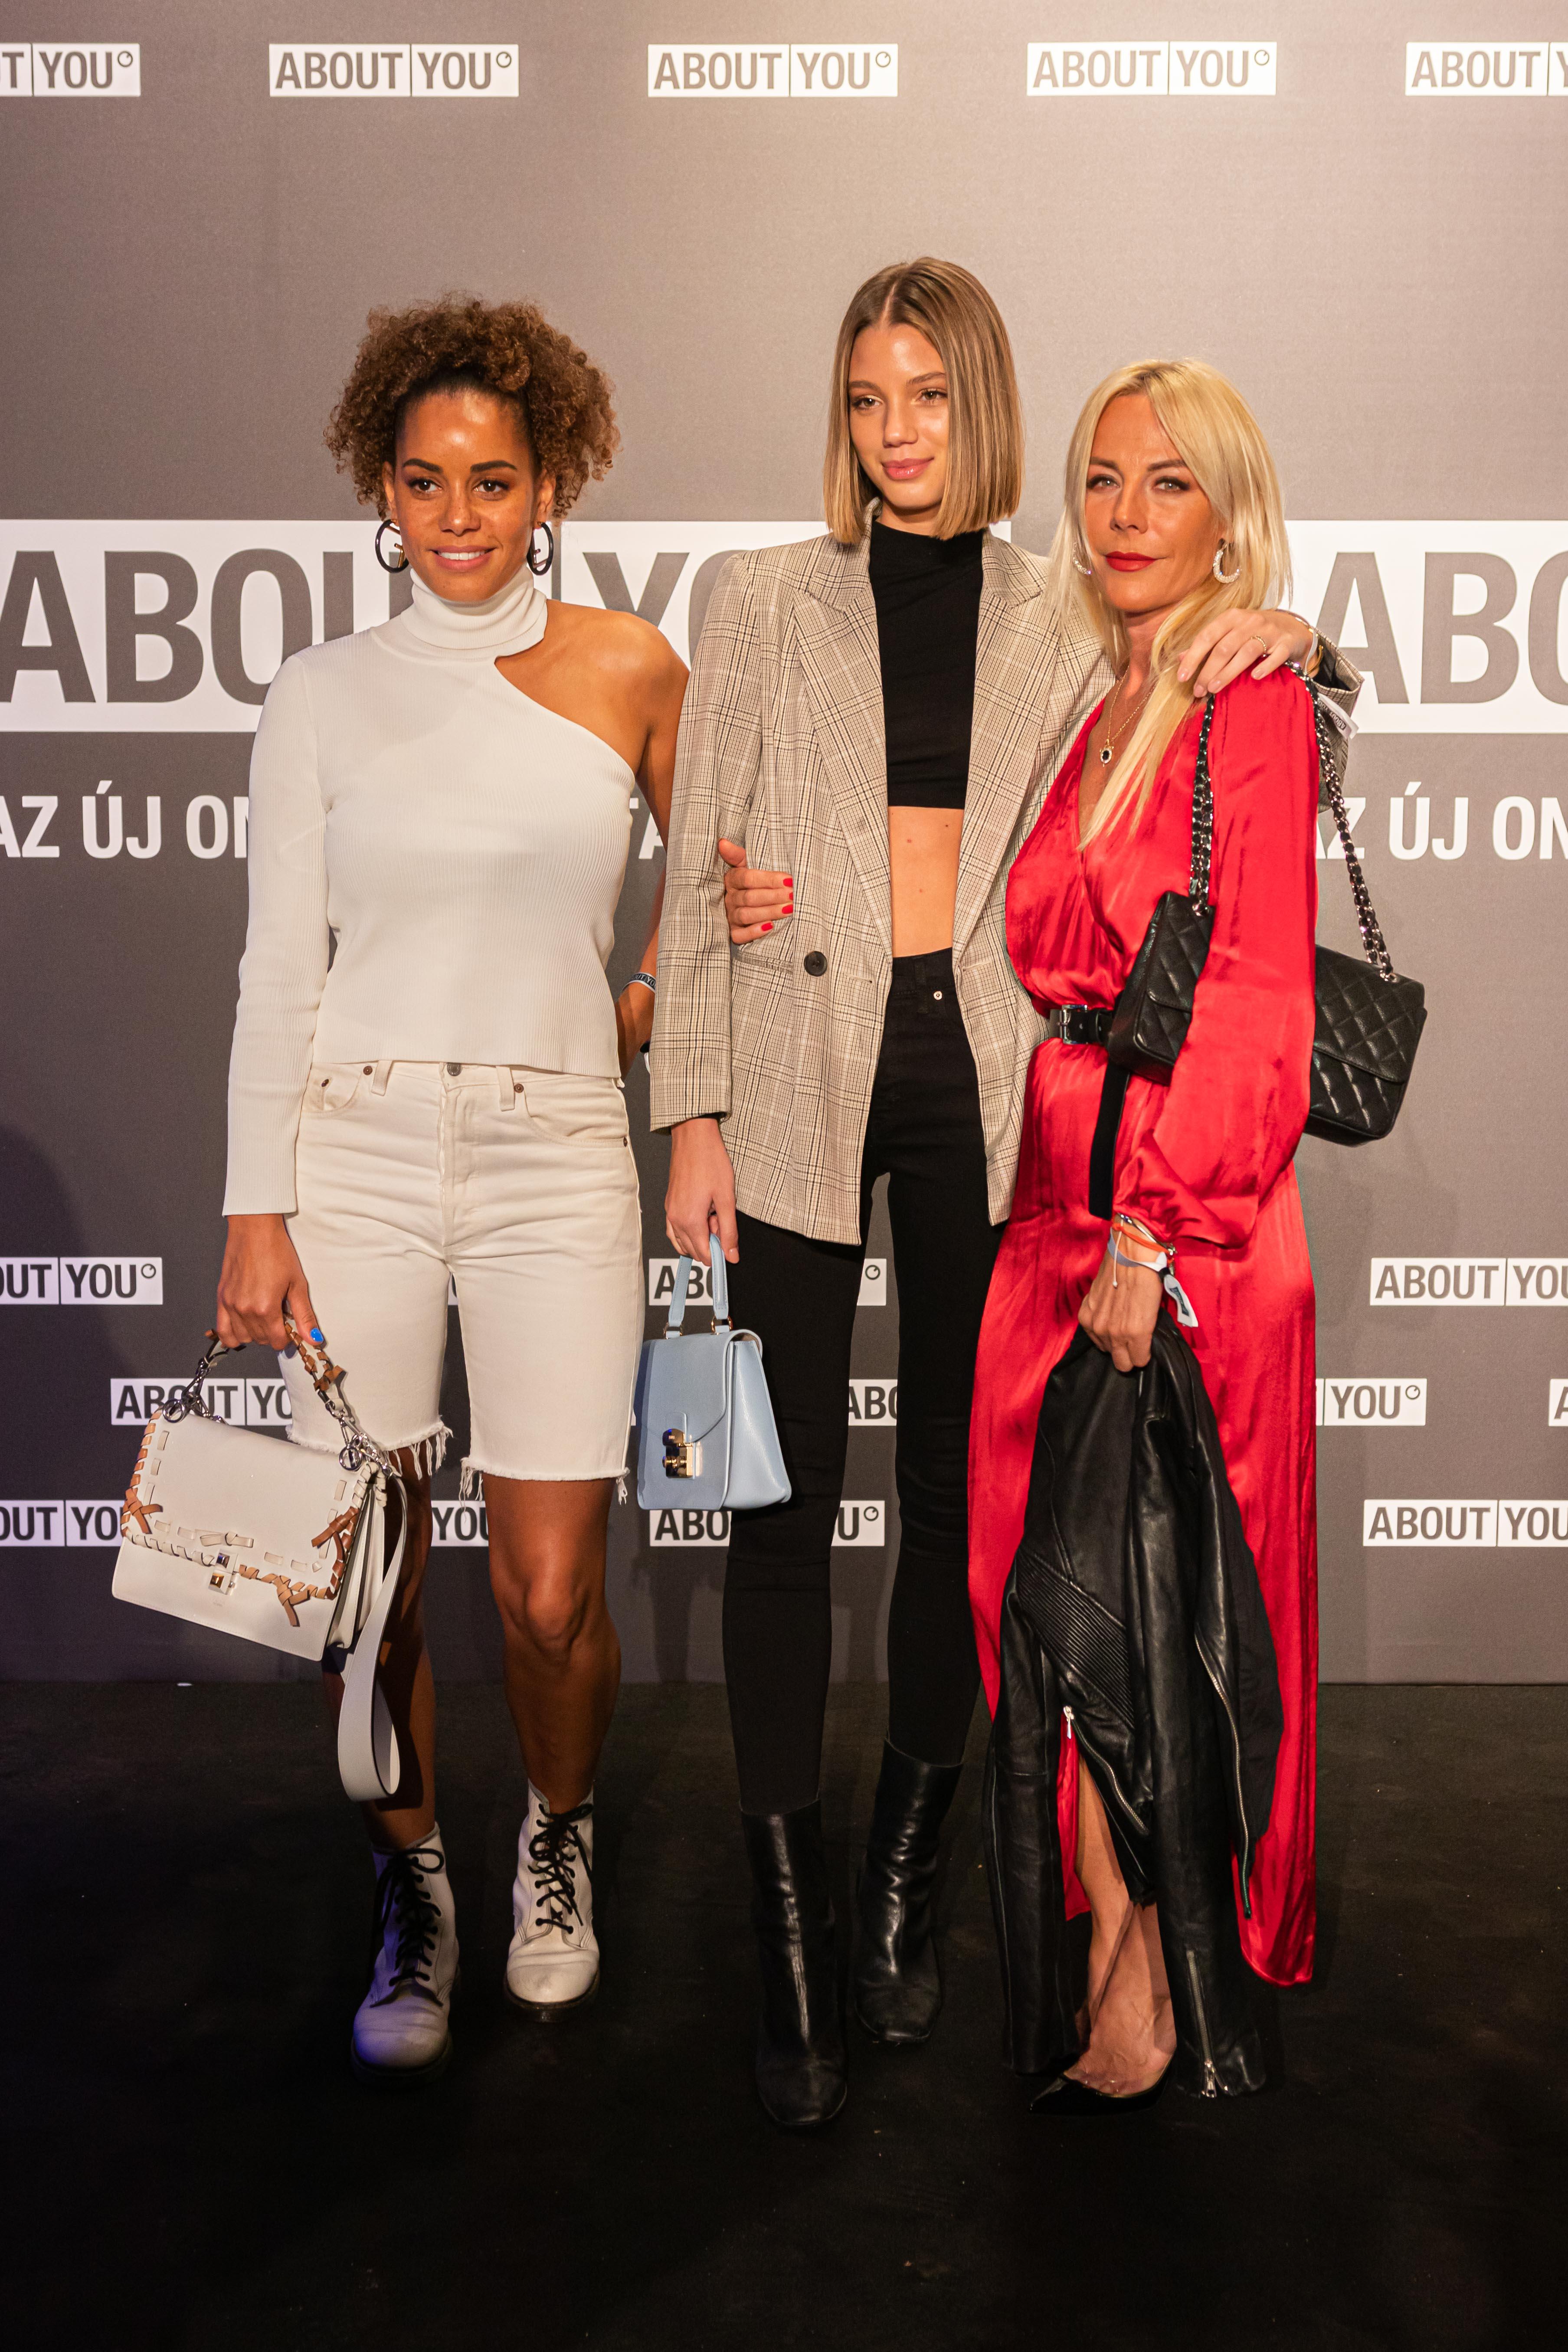 Bianca Malaika, Fábiáncsics Alexandra és Véger Fibi (jobbra)<br />